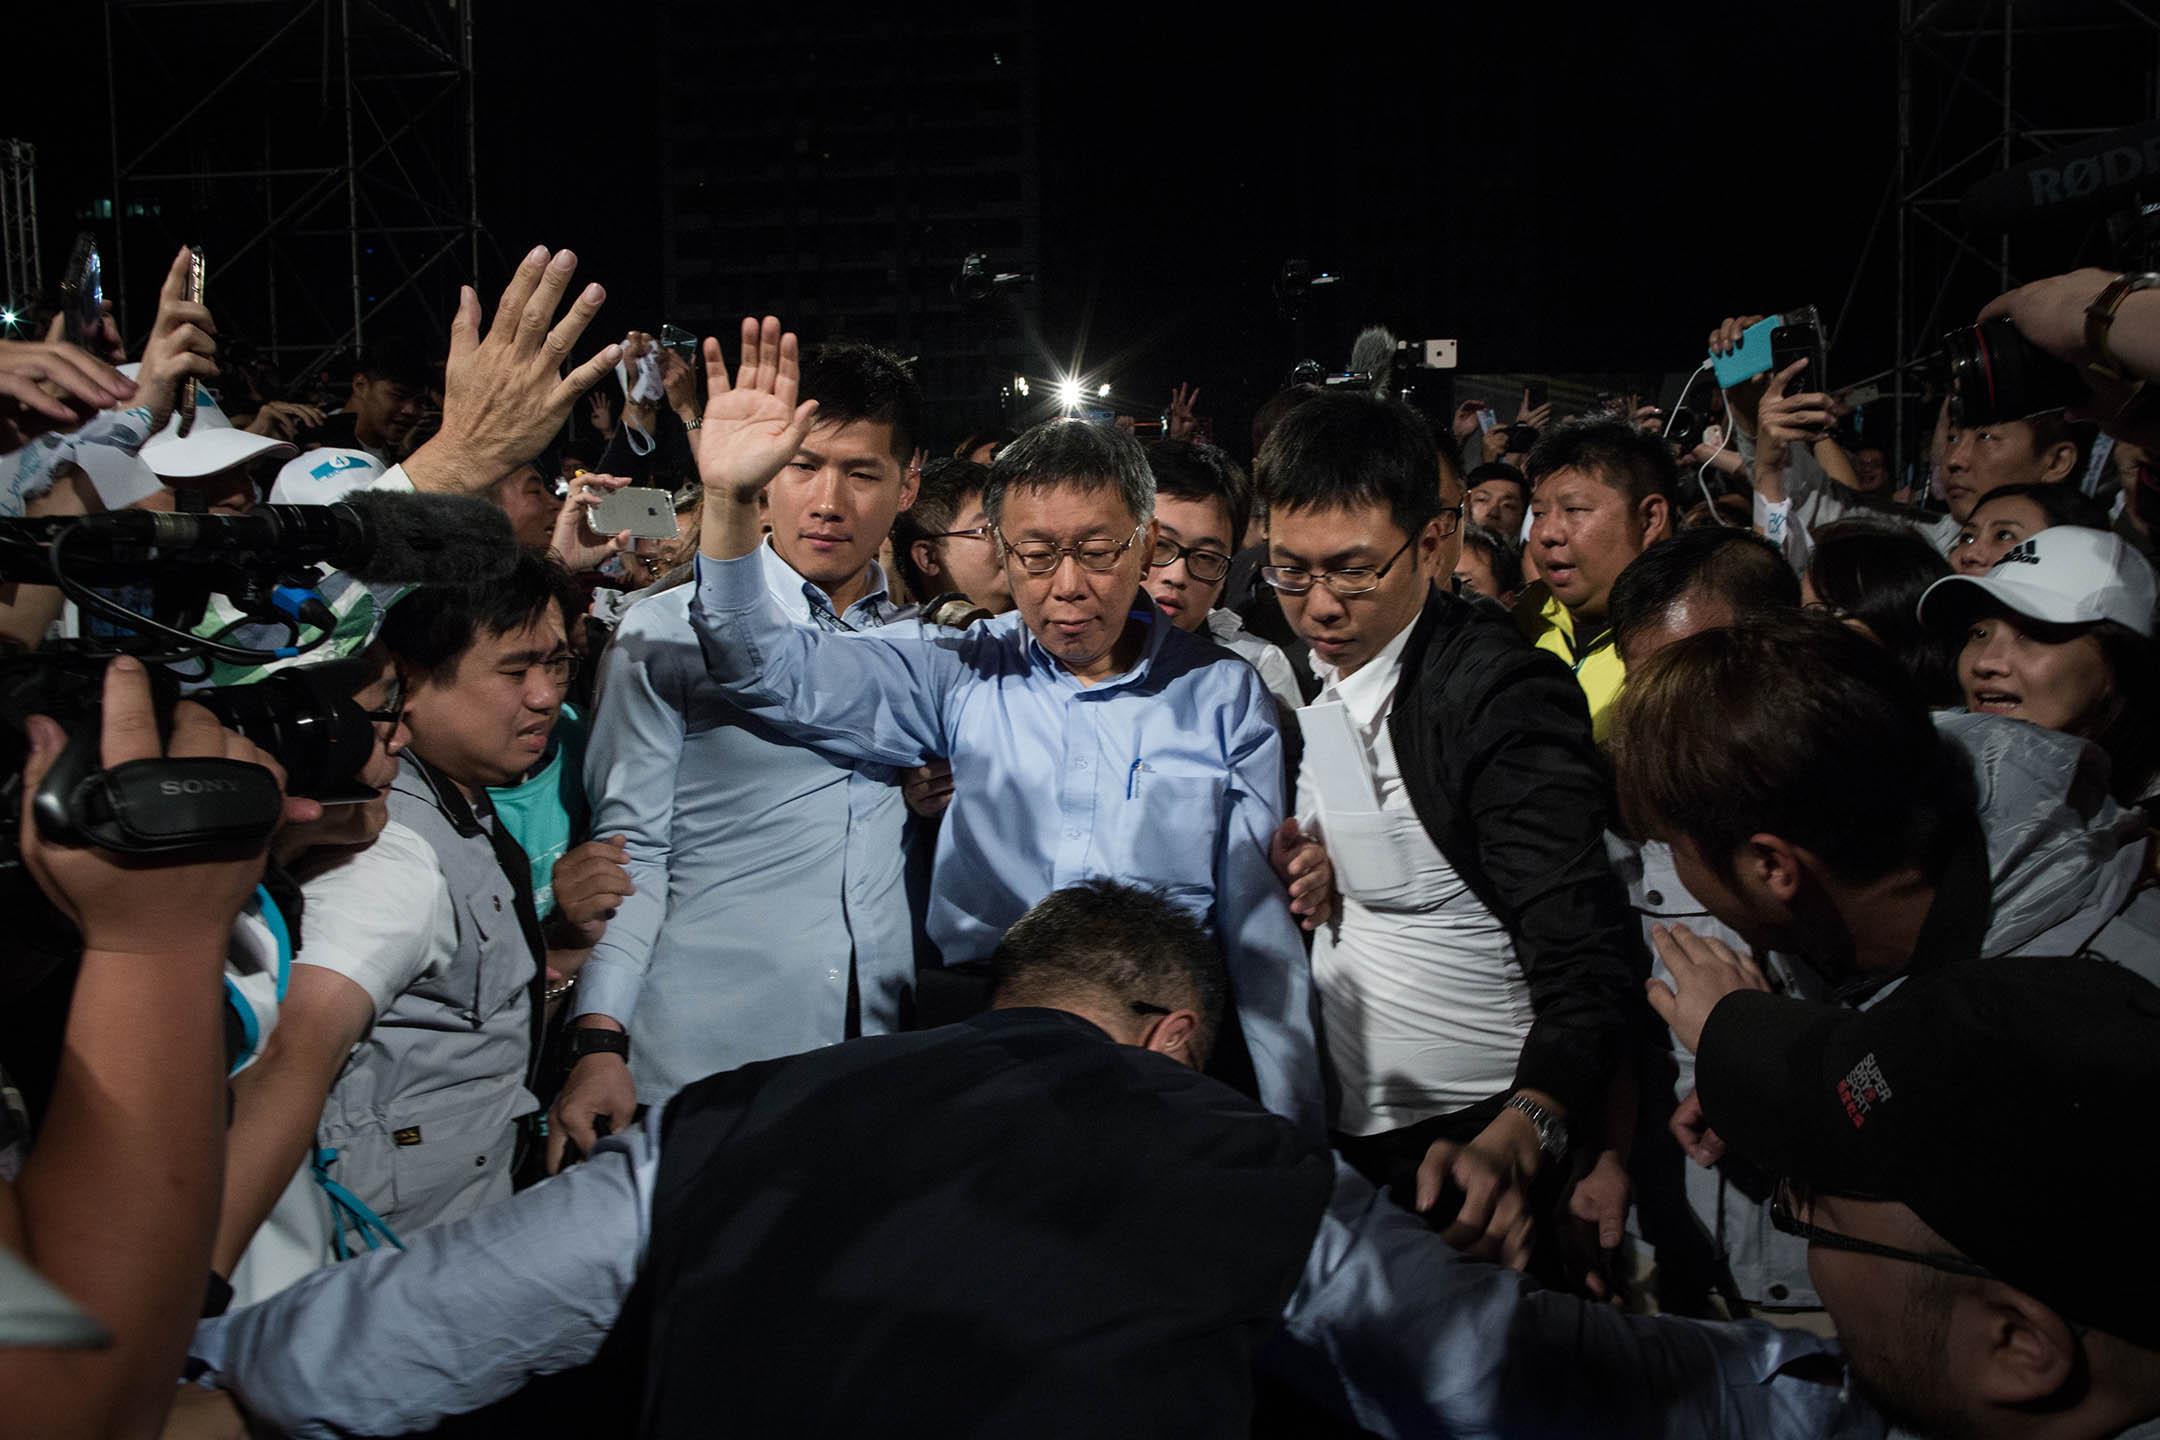 2018年11月25日,柯文哲抵達開票之夜晚會,宣布勝選。 攝:陳焯煇/端傳媒